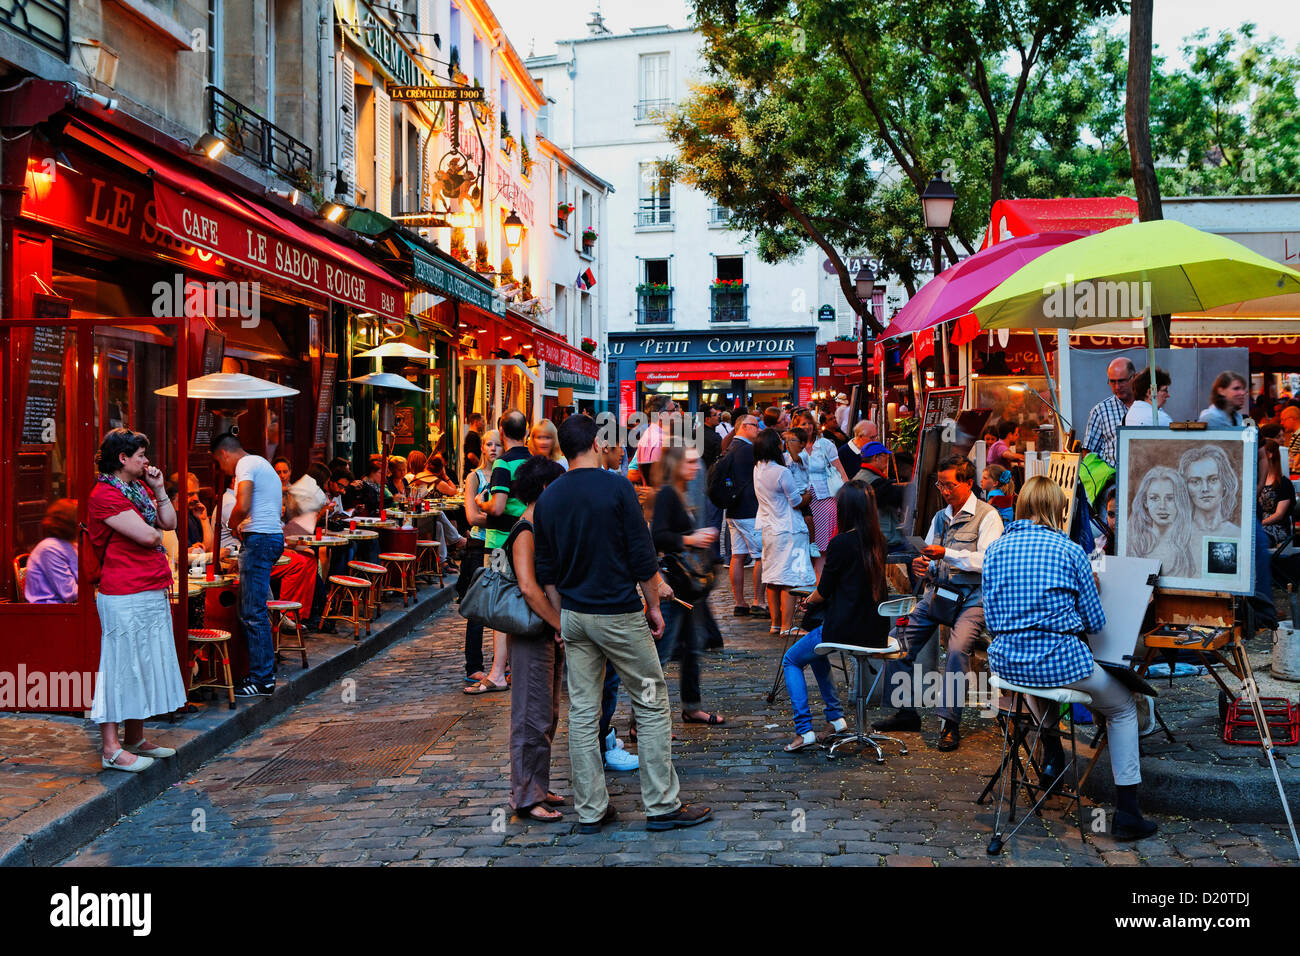 Restaurant Place Du Tertre Montmartre